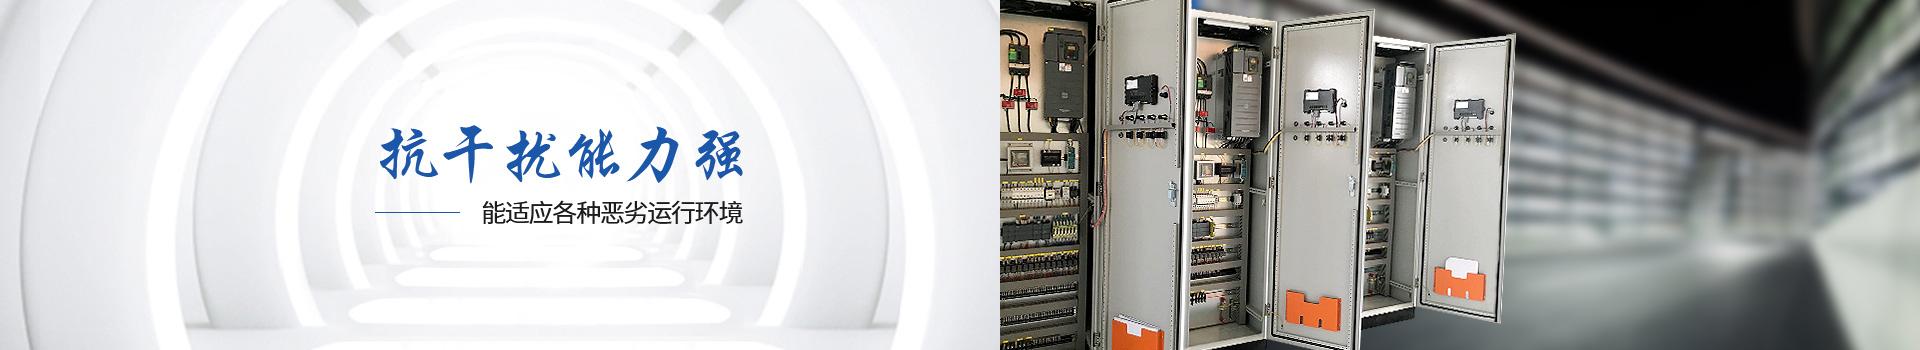 华普拓变频器柜抗干扰能力强